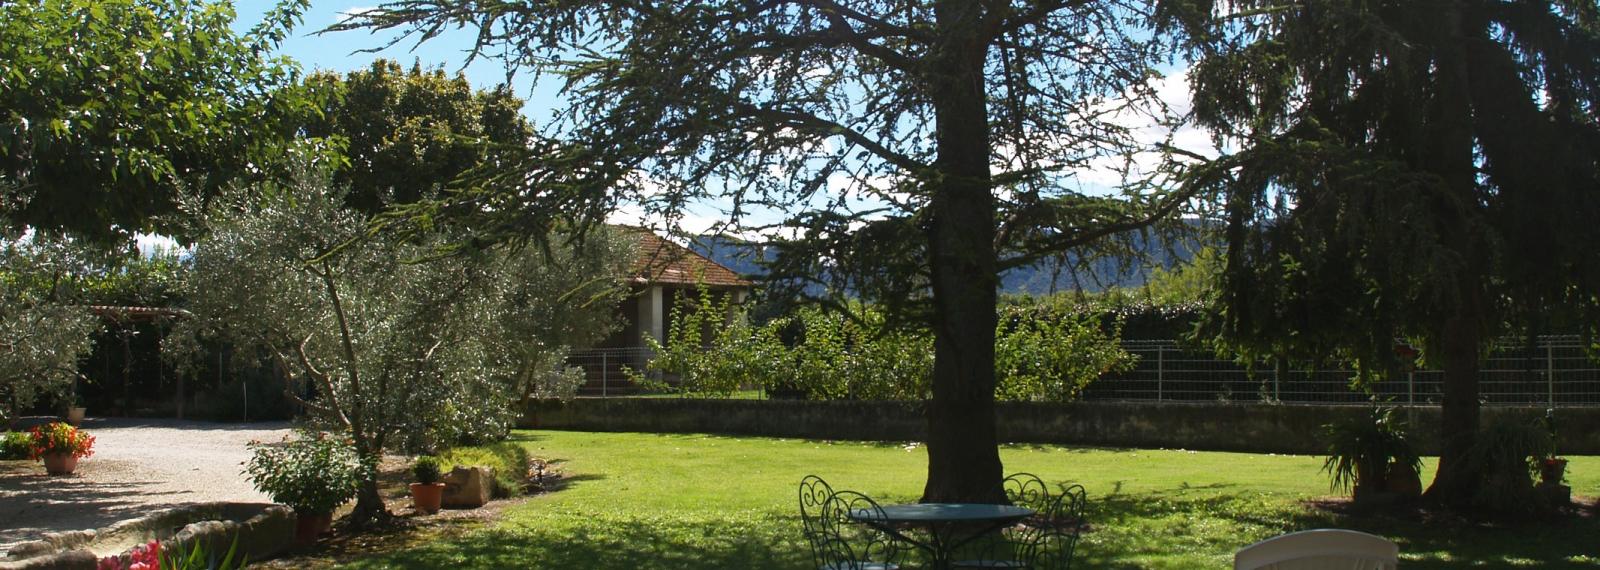 Location saisonnière Les Cyprès à Saint-Rémy-de-Provence